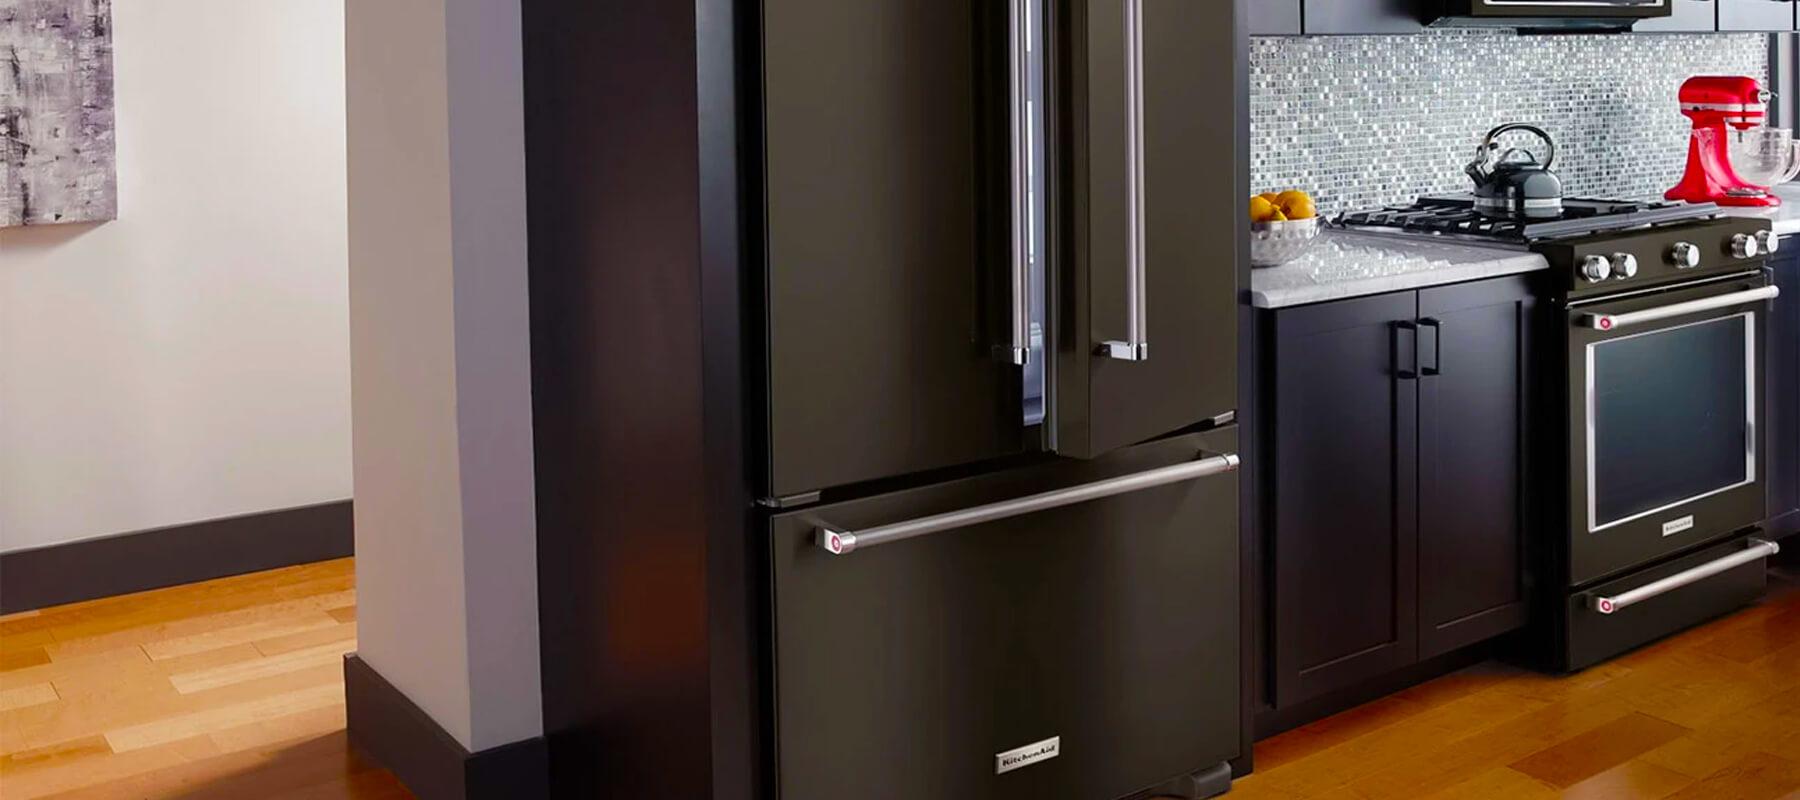 Built in Counter Depth Refrigerator Burbank | Built-in Refrigerator Repair